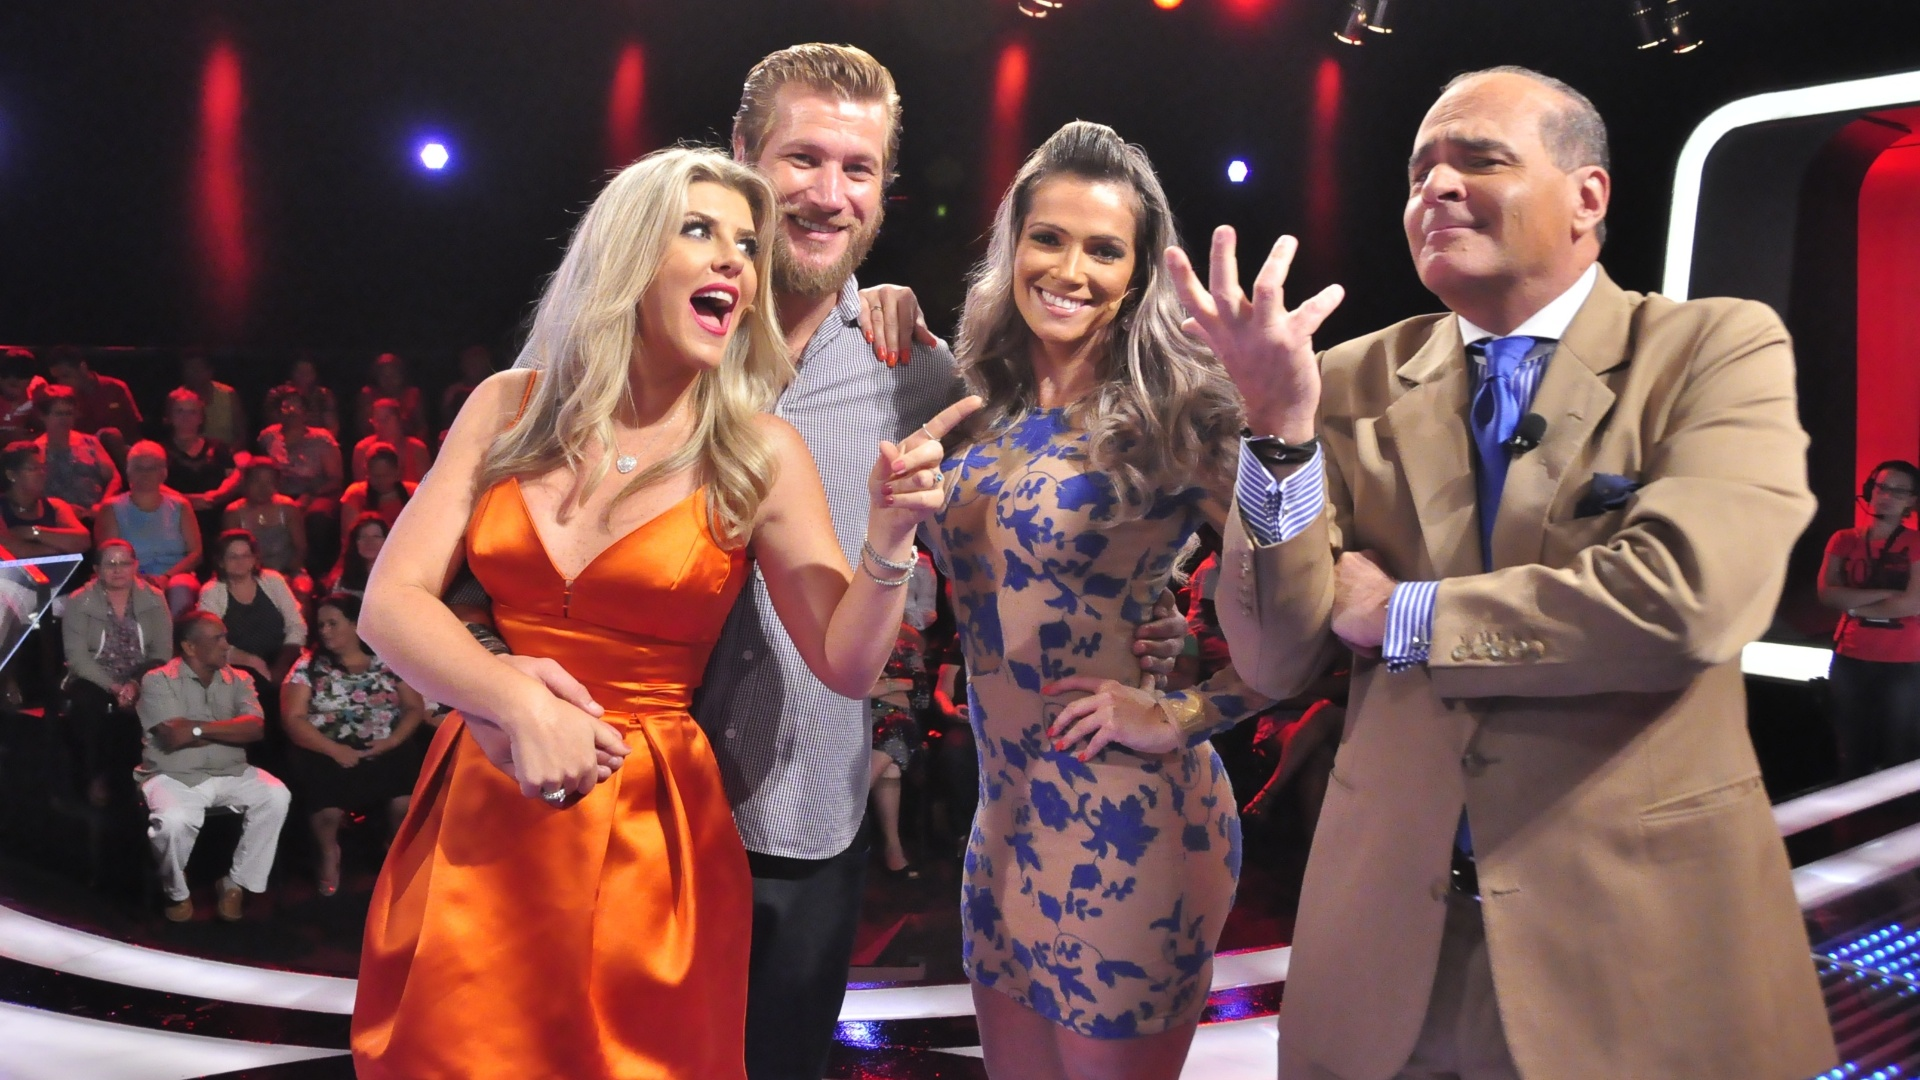 Diego Alemão, Iris Stefanelli e Fani Pacheco participam do